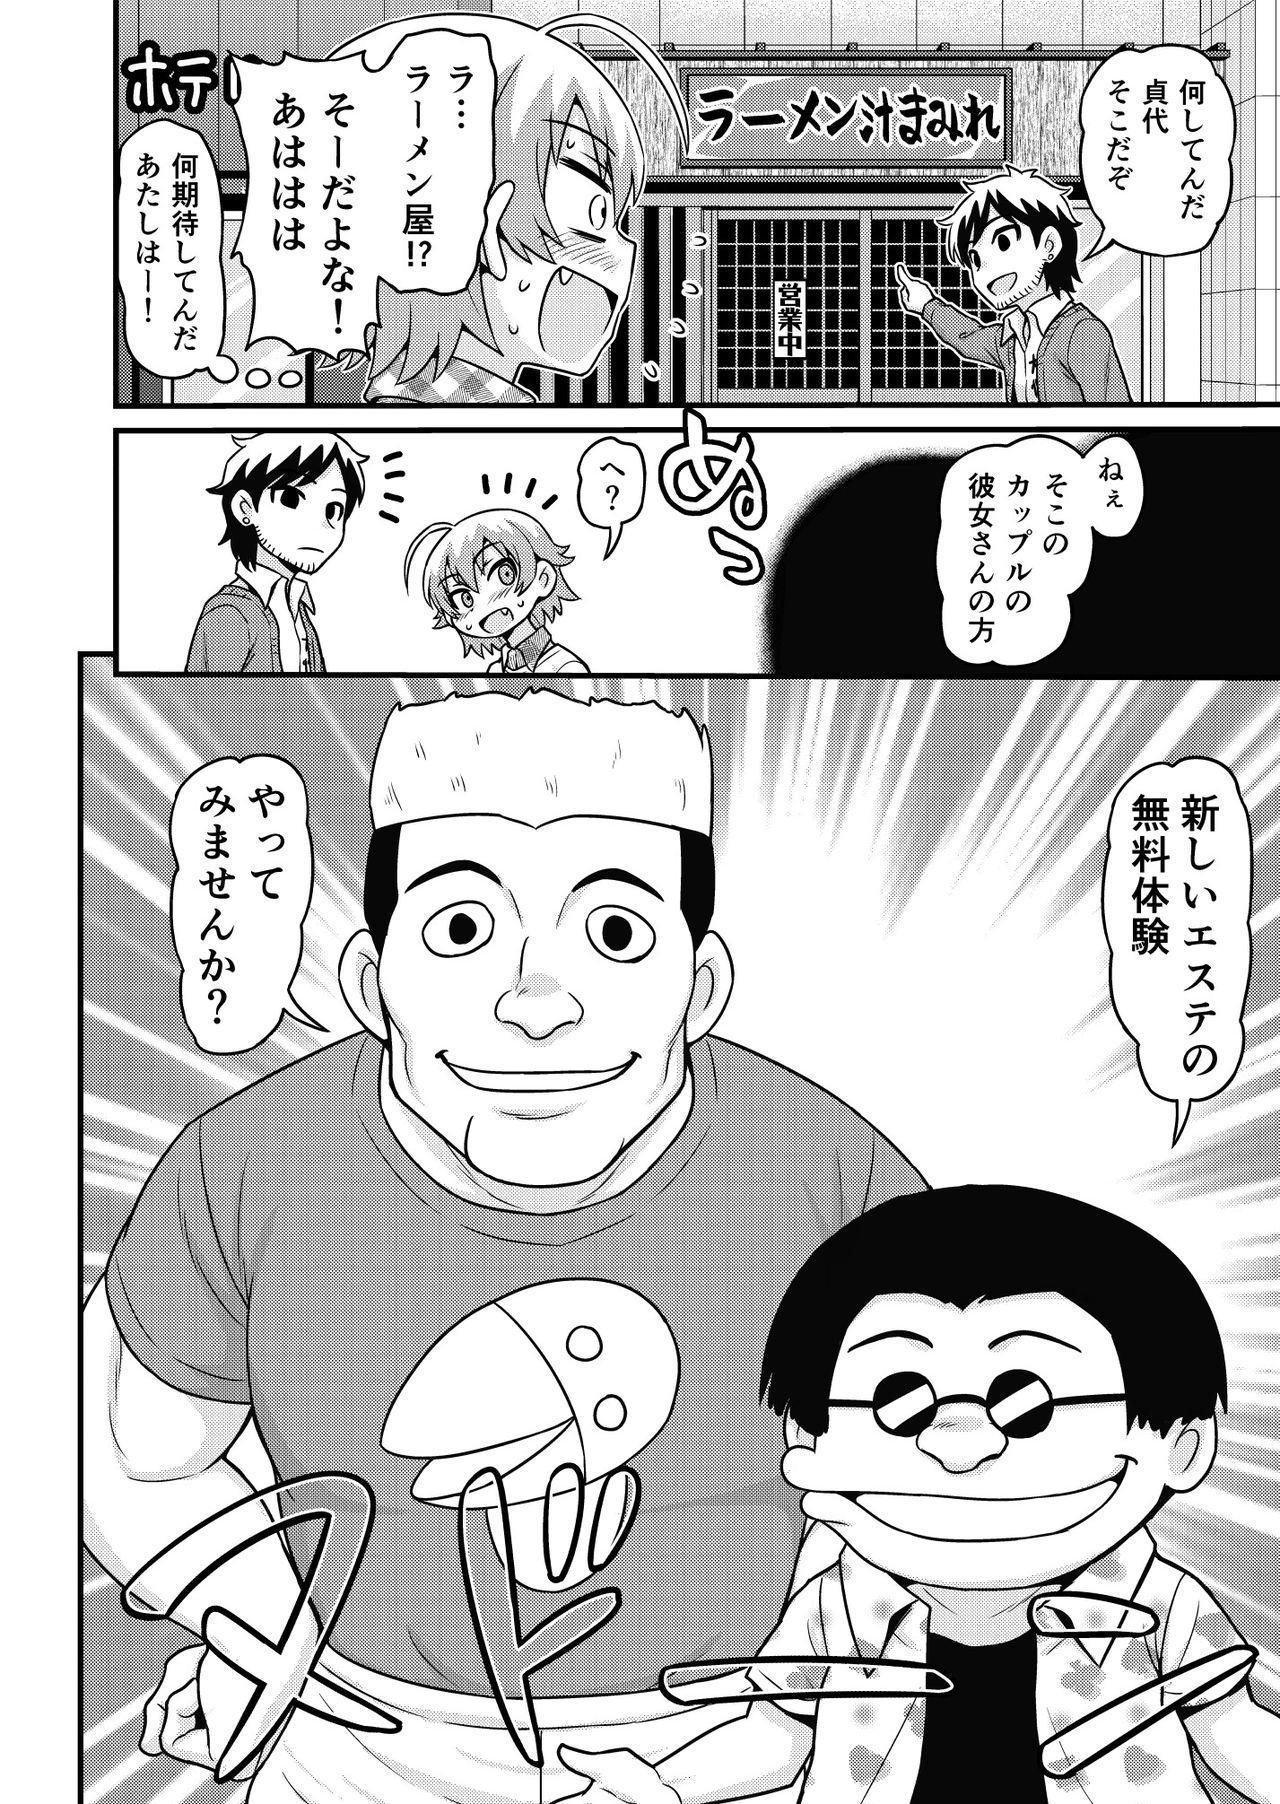 Muryou Esthe to Shoushita Otoko-tachi ni Sadayo ga Namahame Sareru Manga 4